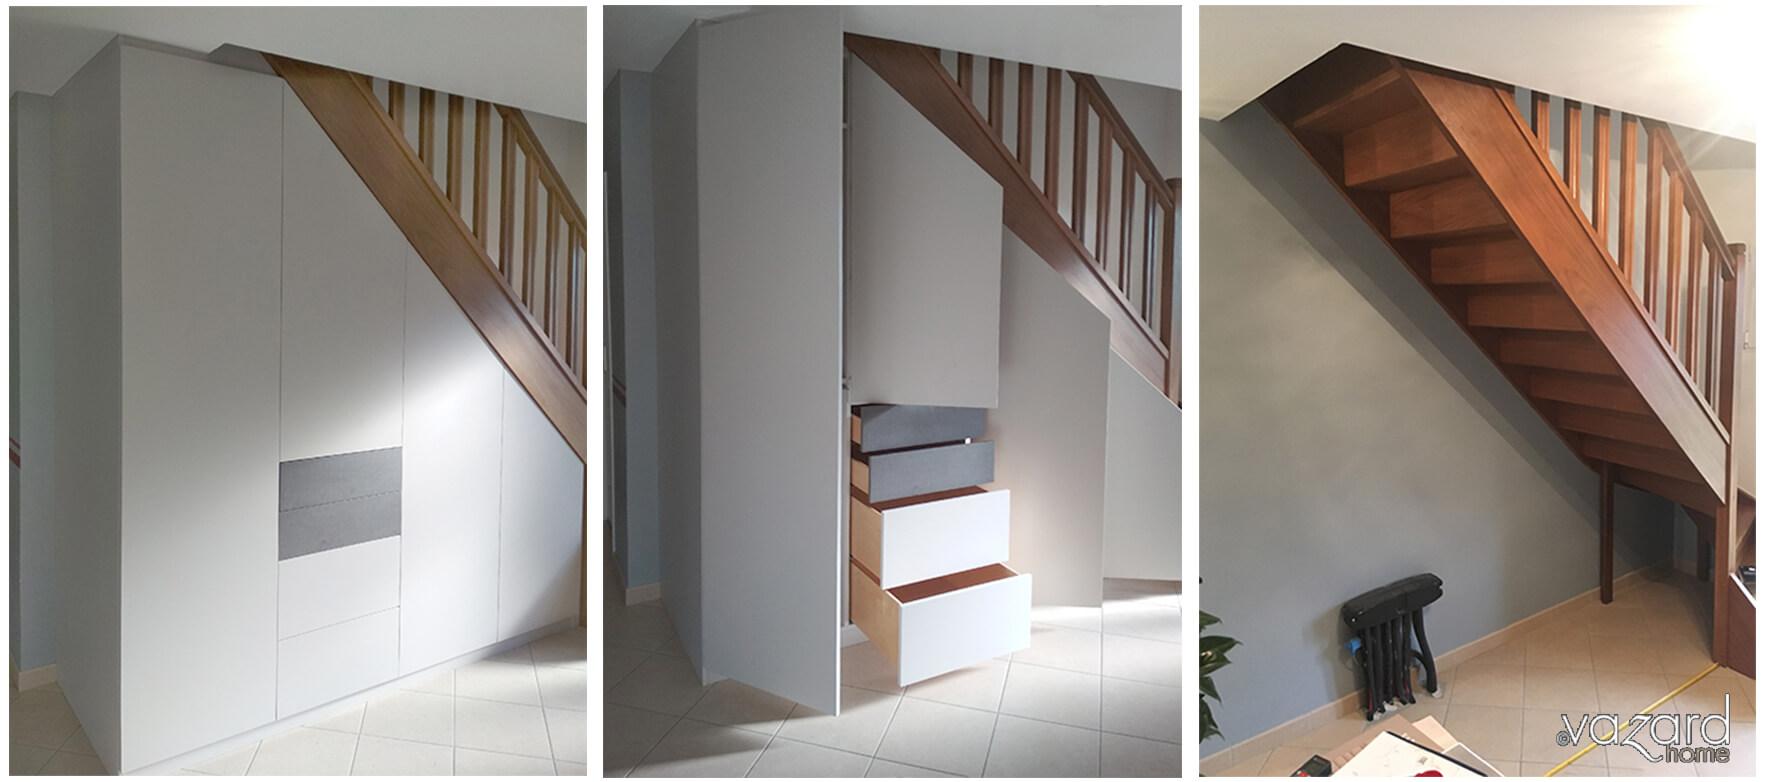 dressing-sur-mesure-rangement-meuble-sous-escalier-vazard-home